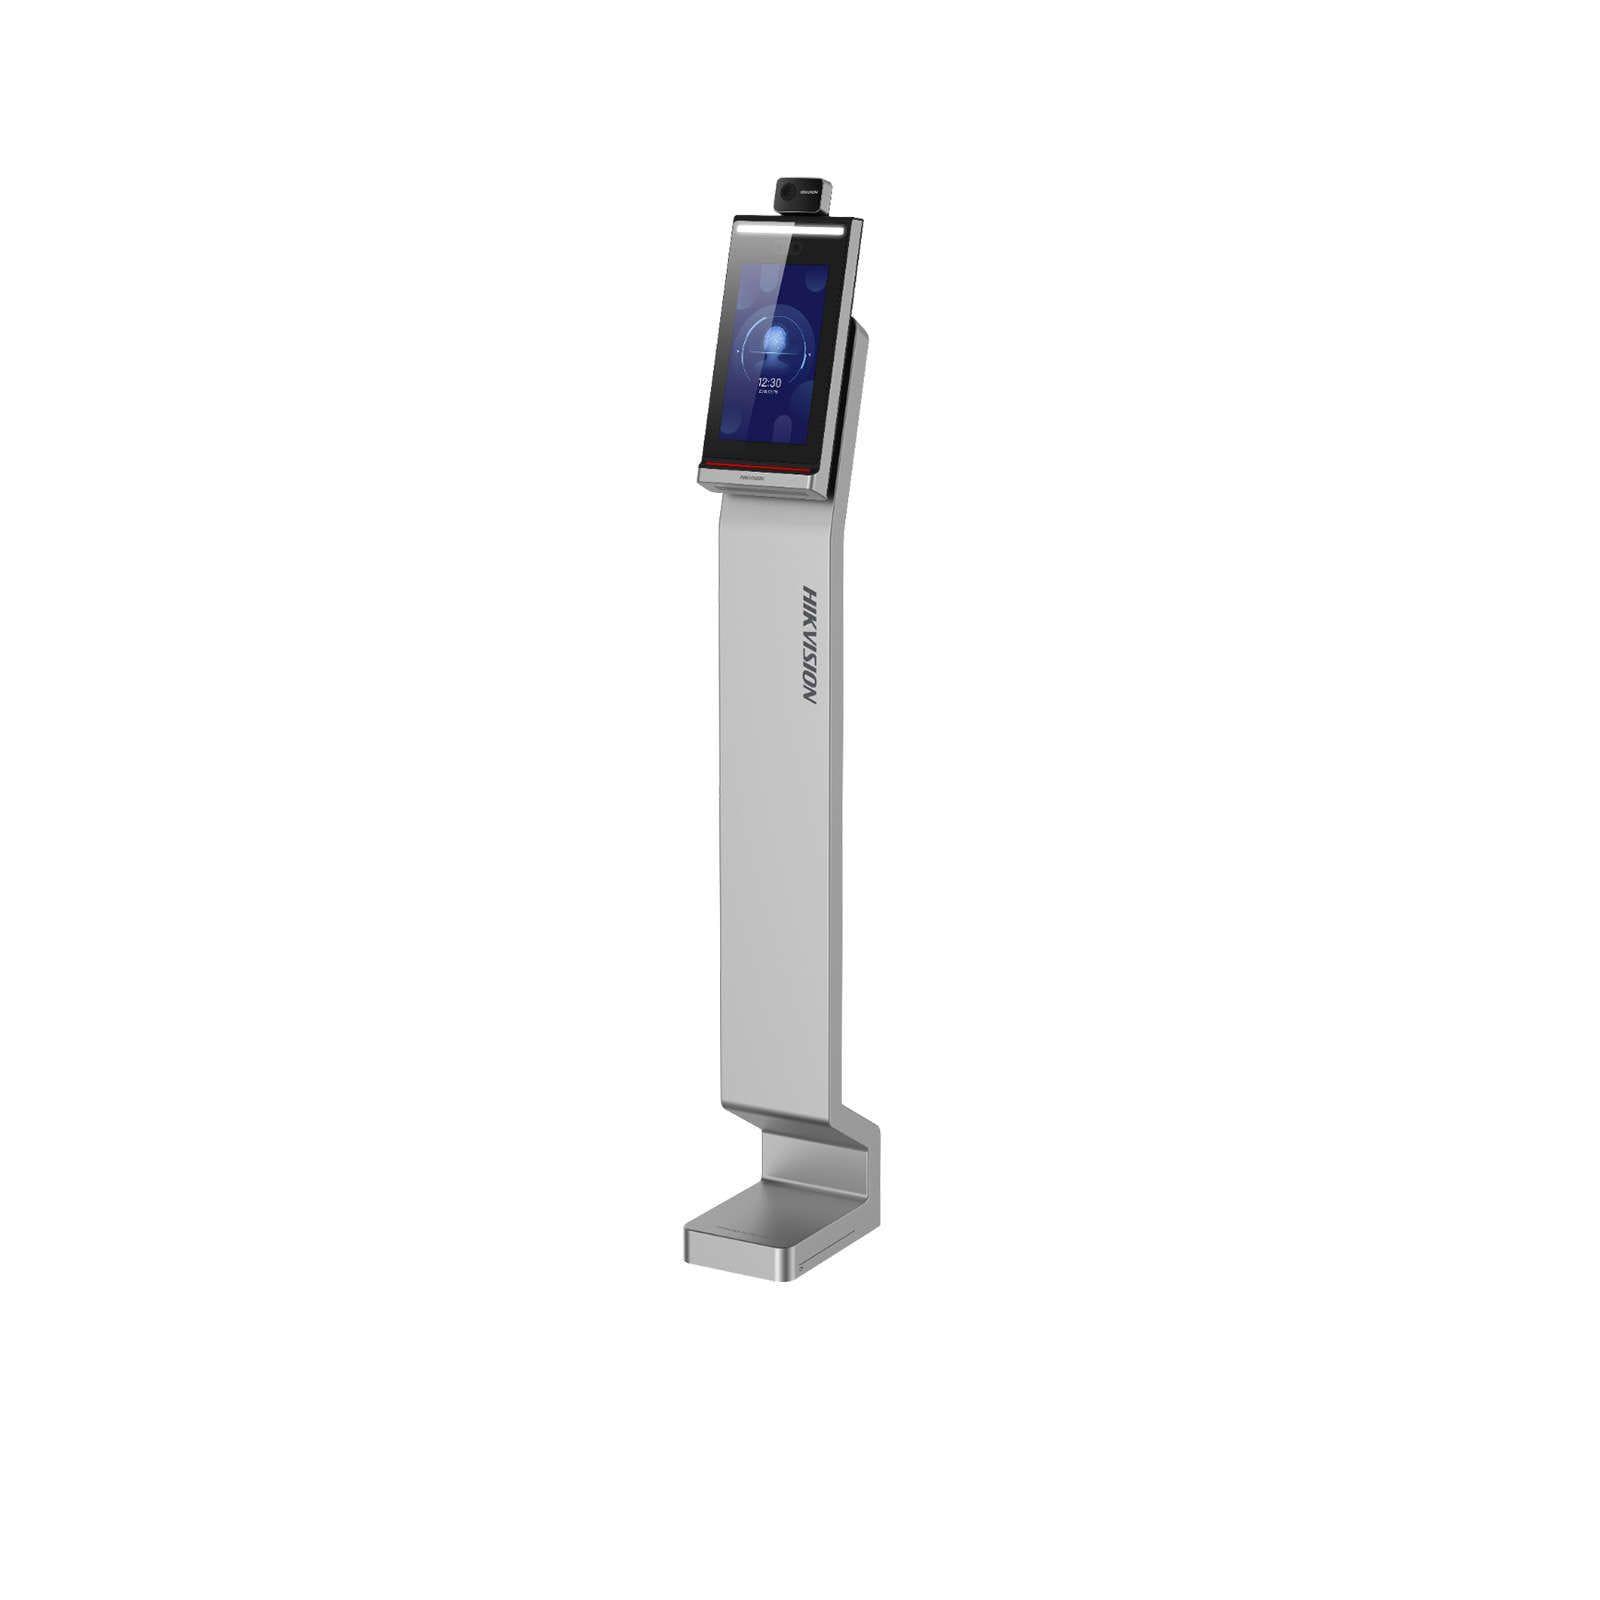 Caméra thermique Hikvision | Terminal d'Auto-Contrôle pour Dépistage de la Température